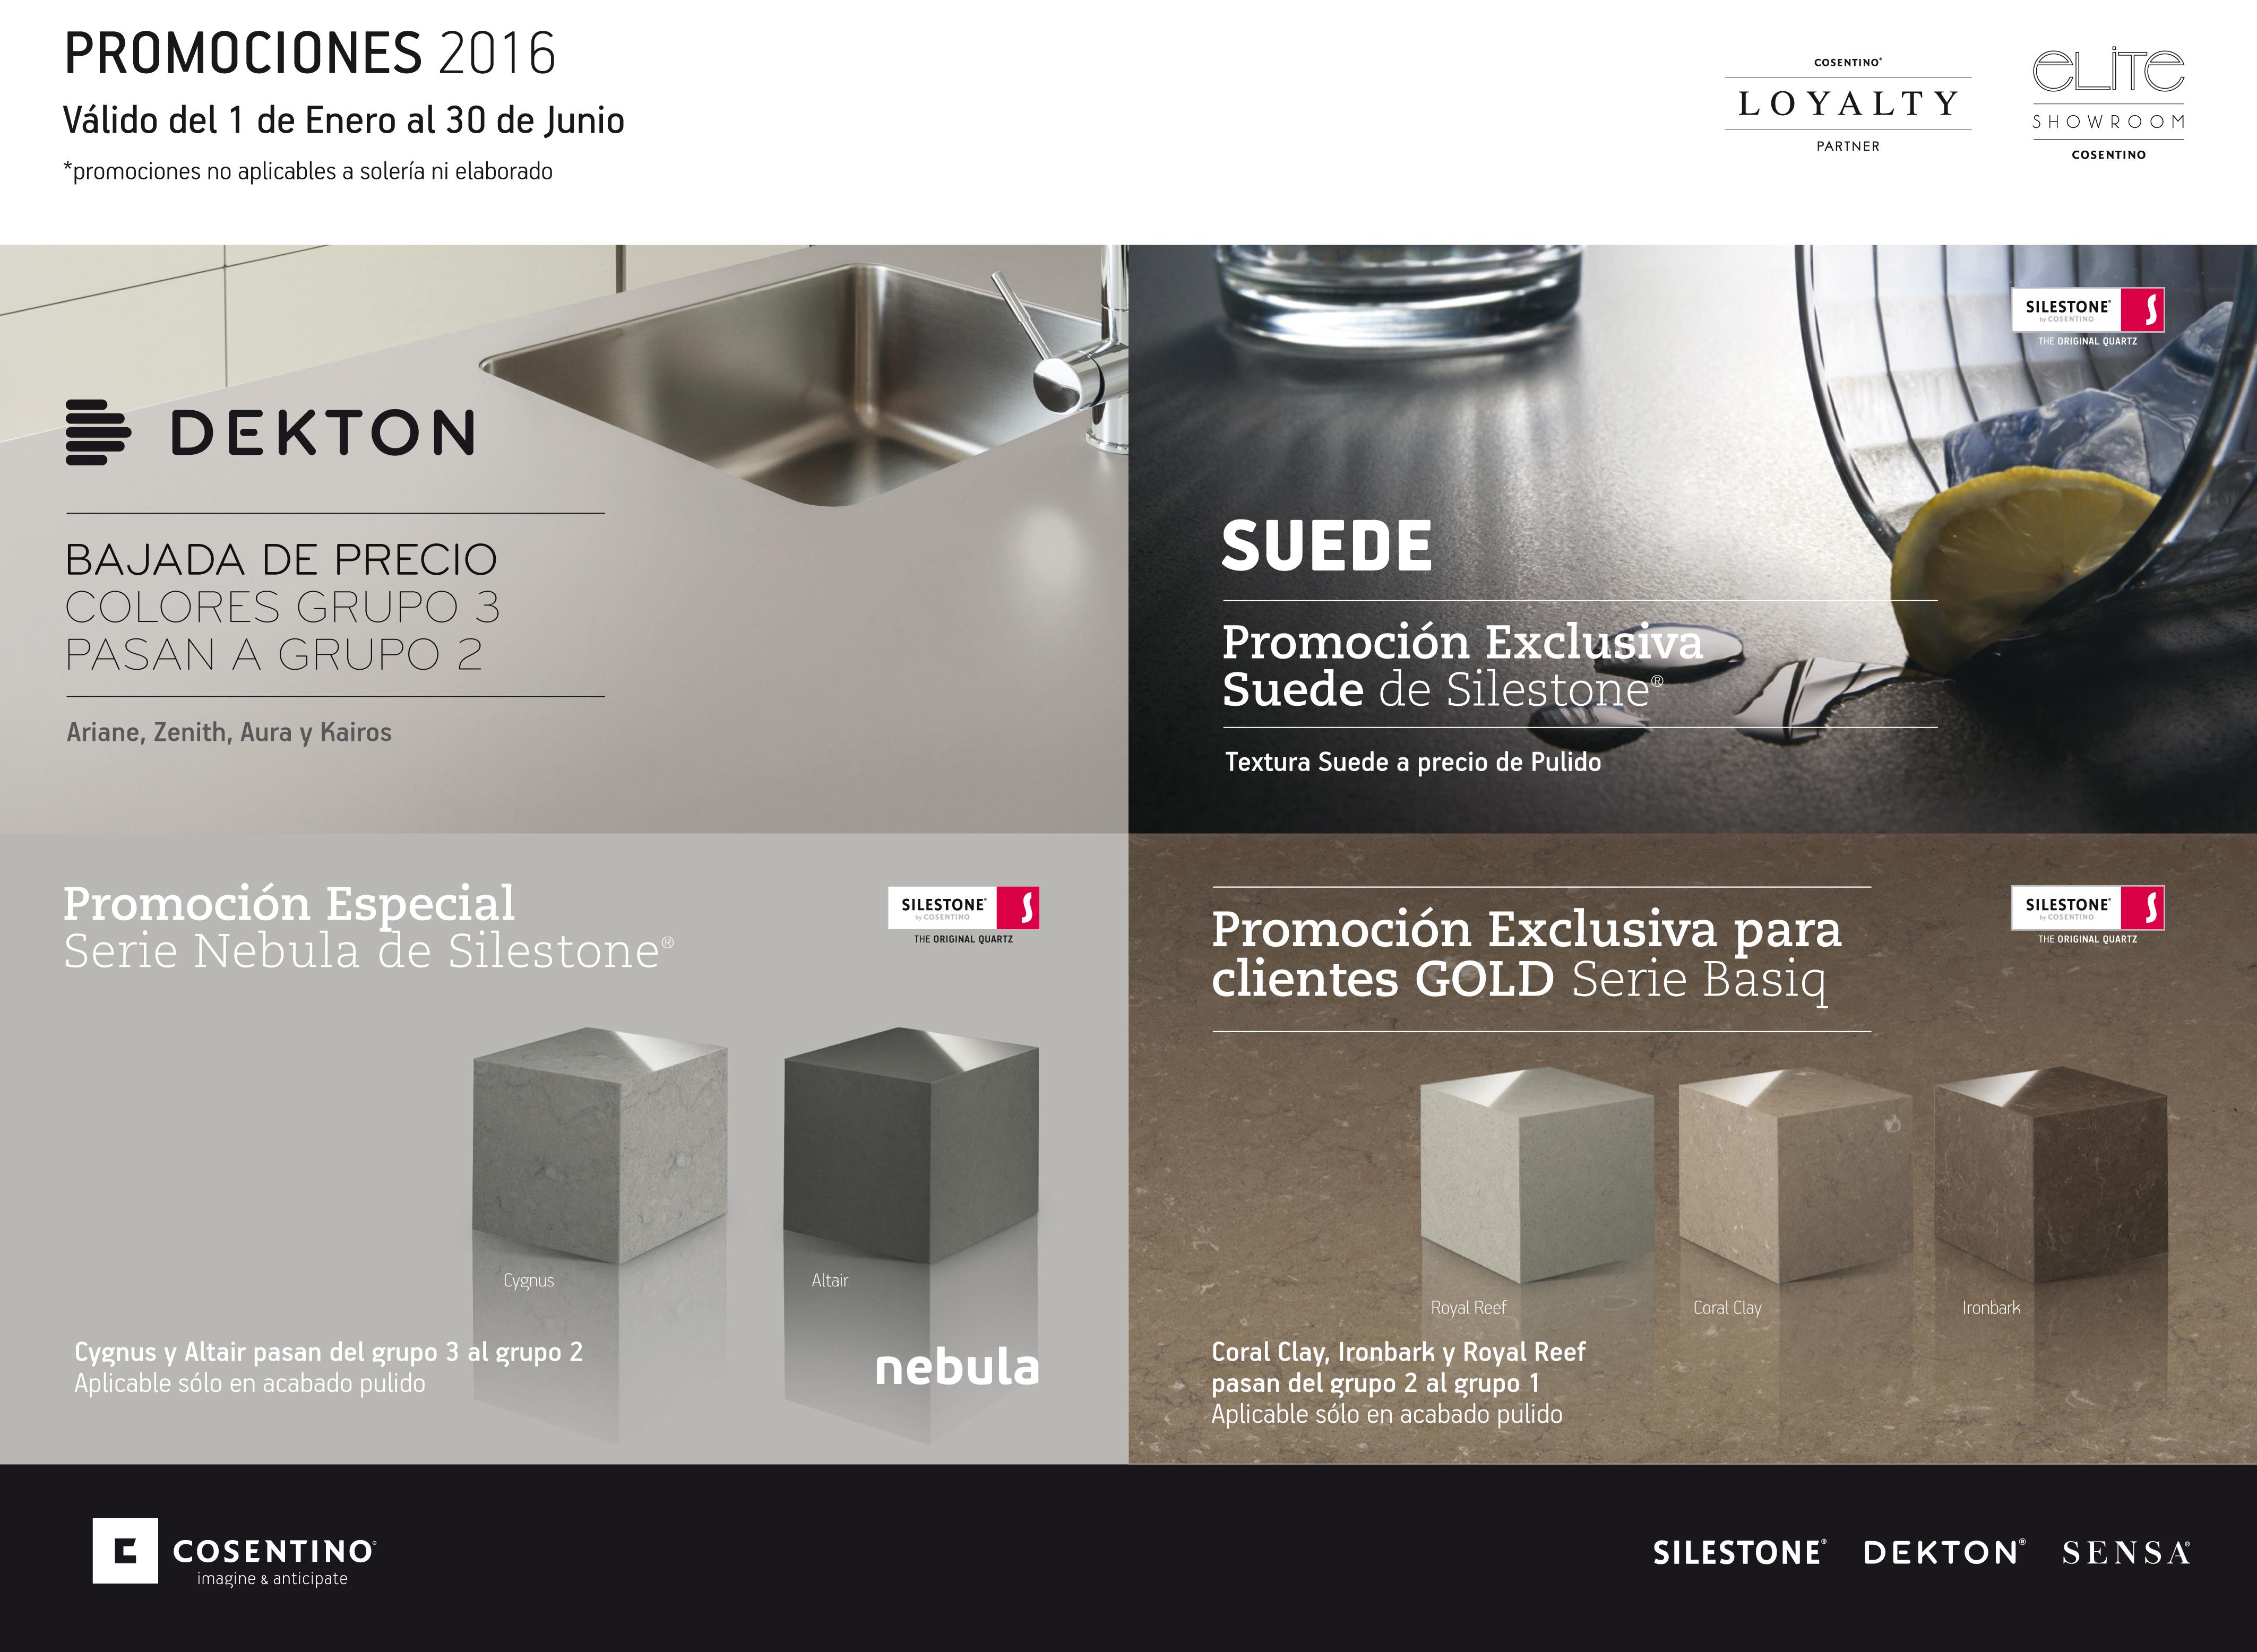 Promociones Iberia 2016 Horiz 16-12-15.indd